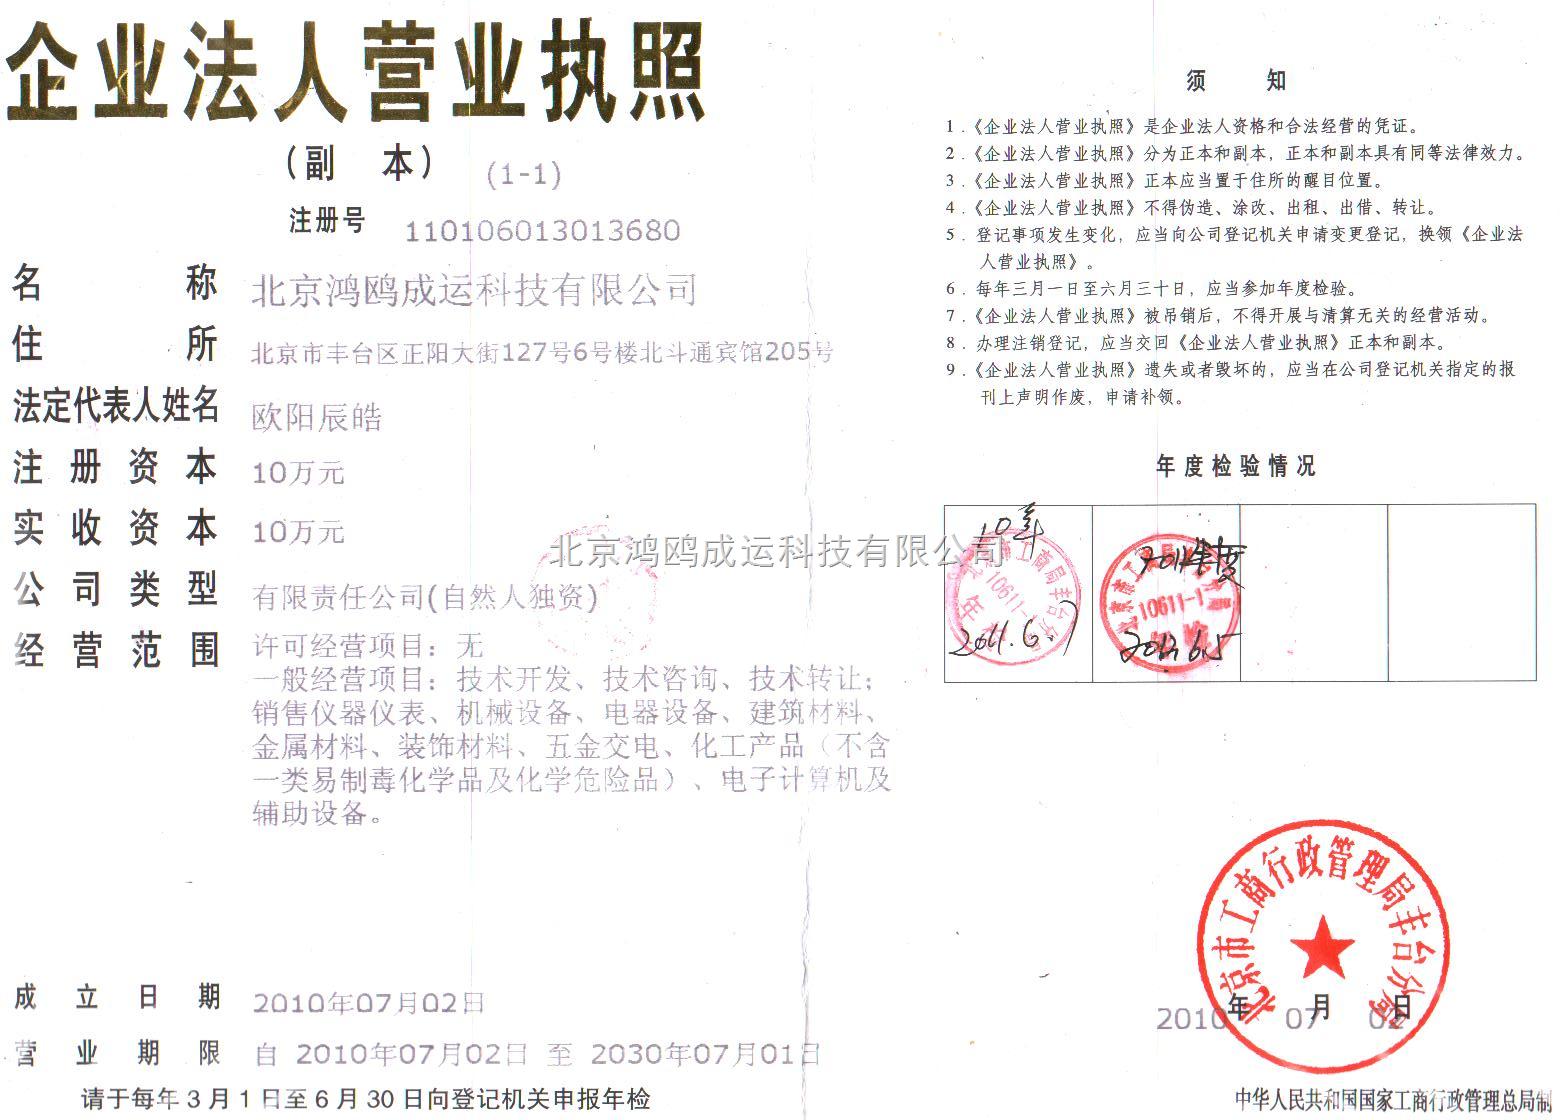 北京鸿鸥成运科技有限公司营业执照